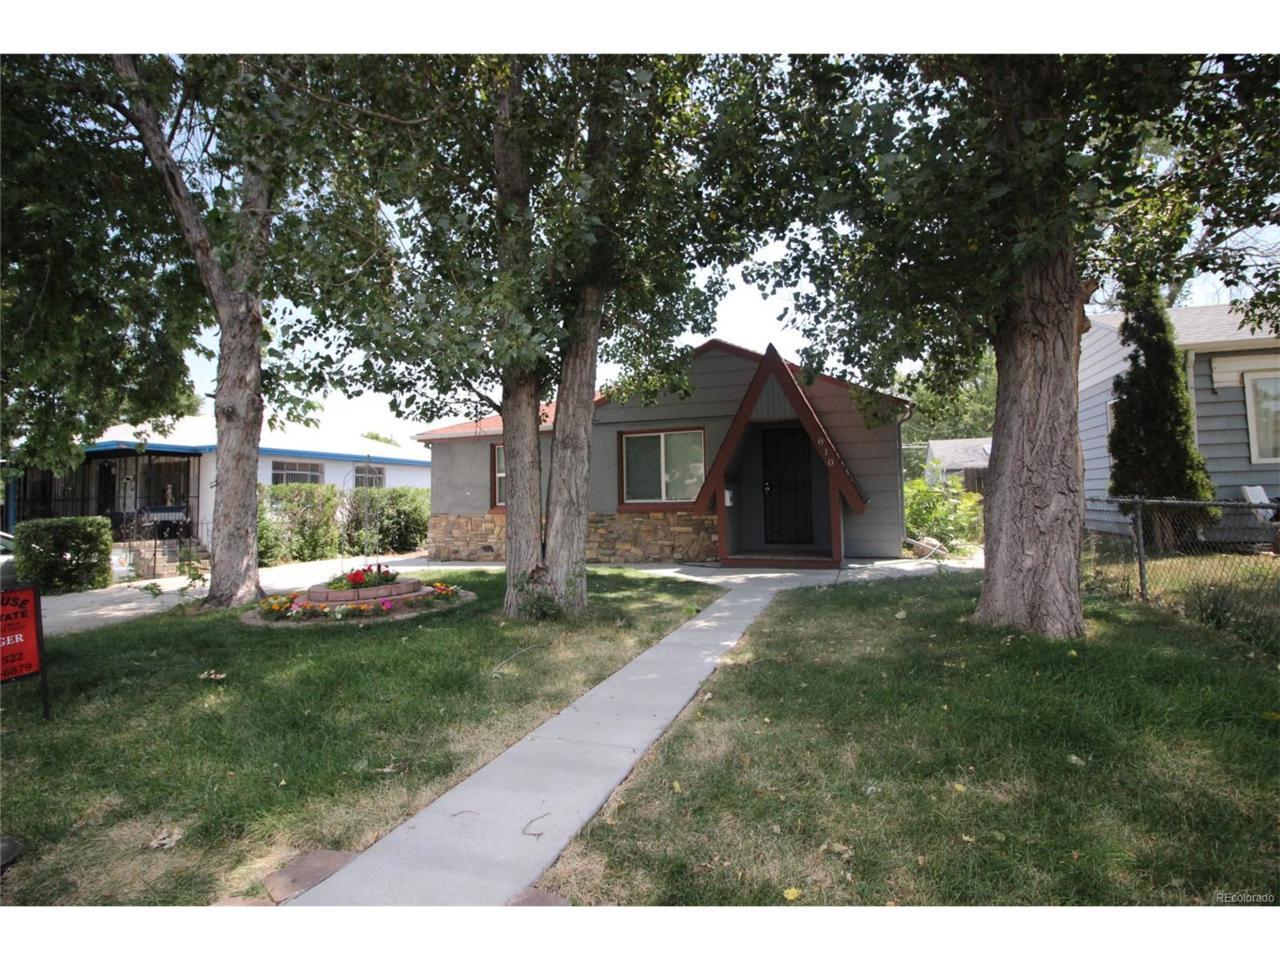 810 S Vrain Street, Denver, CO 80219 (MLS #4785548) :: 8z Real Estate